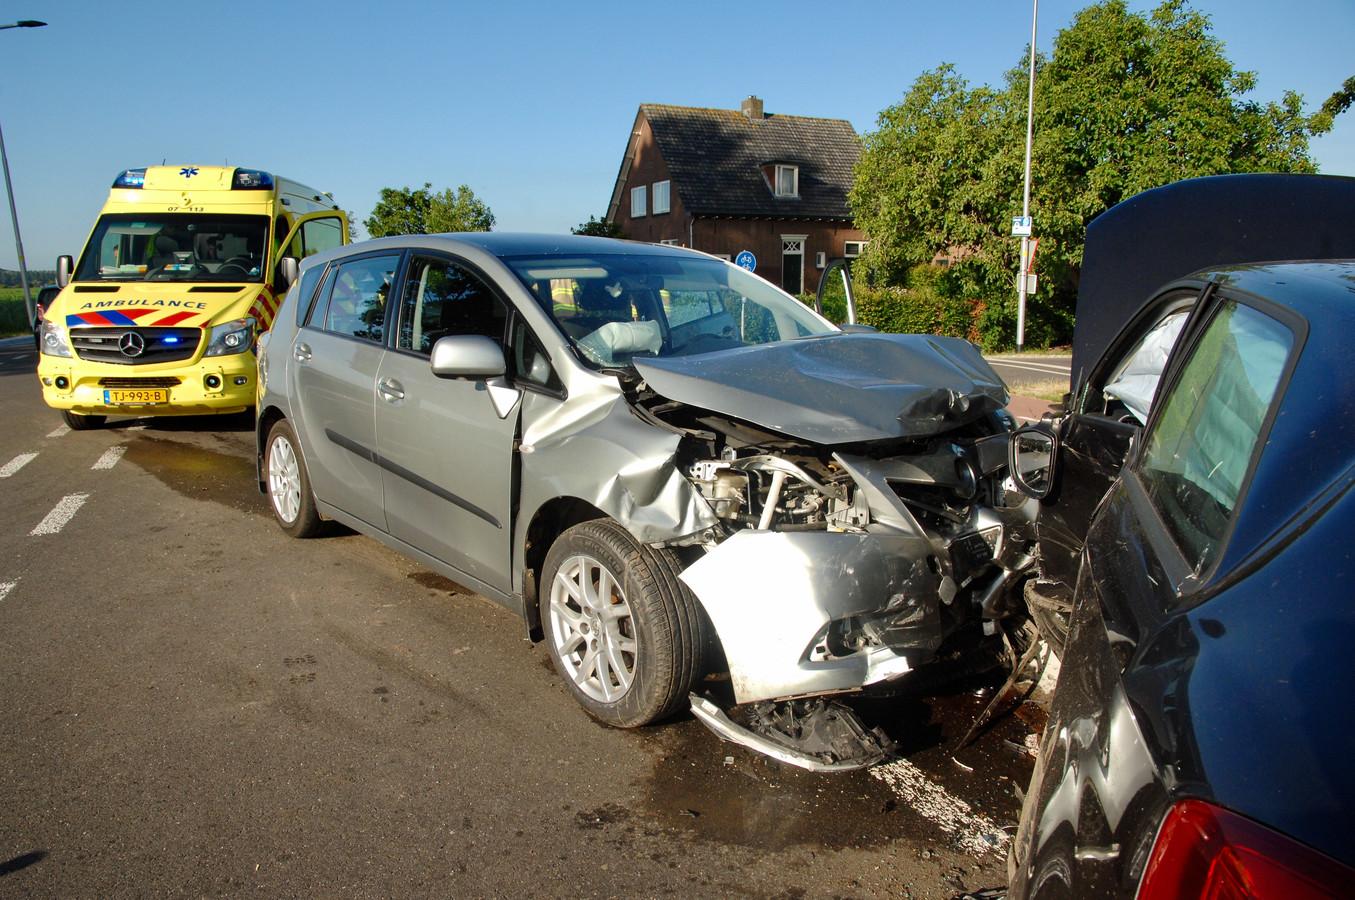 De auto liep forse schade op.